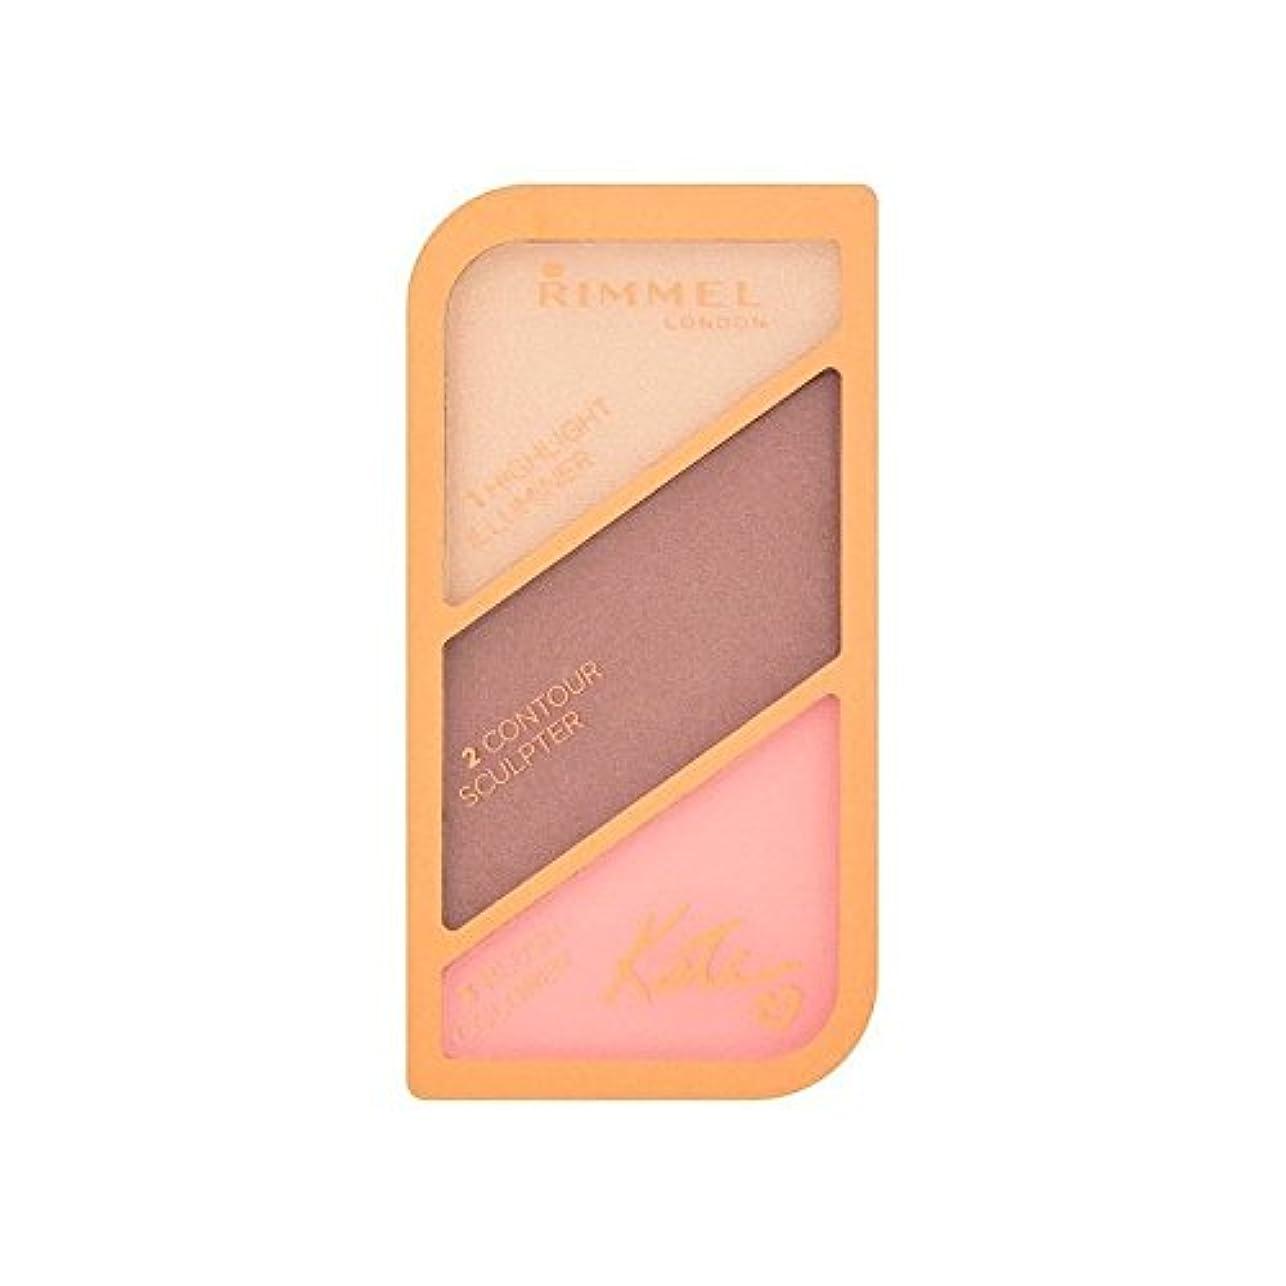 乱す喜んで殺すRimmel Kate Moss Sculpting Palette Golden Bronze 003 (Pack of 6) - リンメルケイト?モスの彫刻パレット黄金のブロンズ003 x6 [並行輸入品]